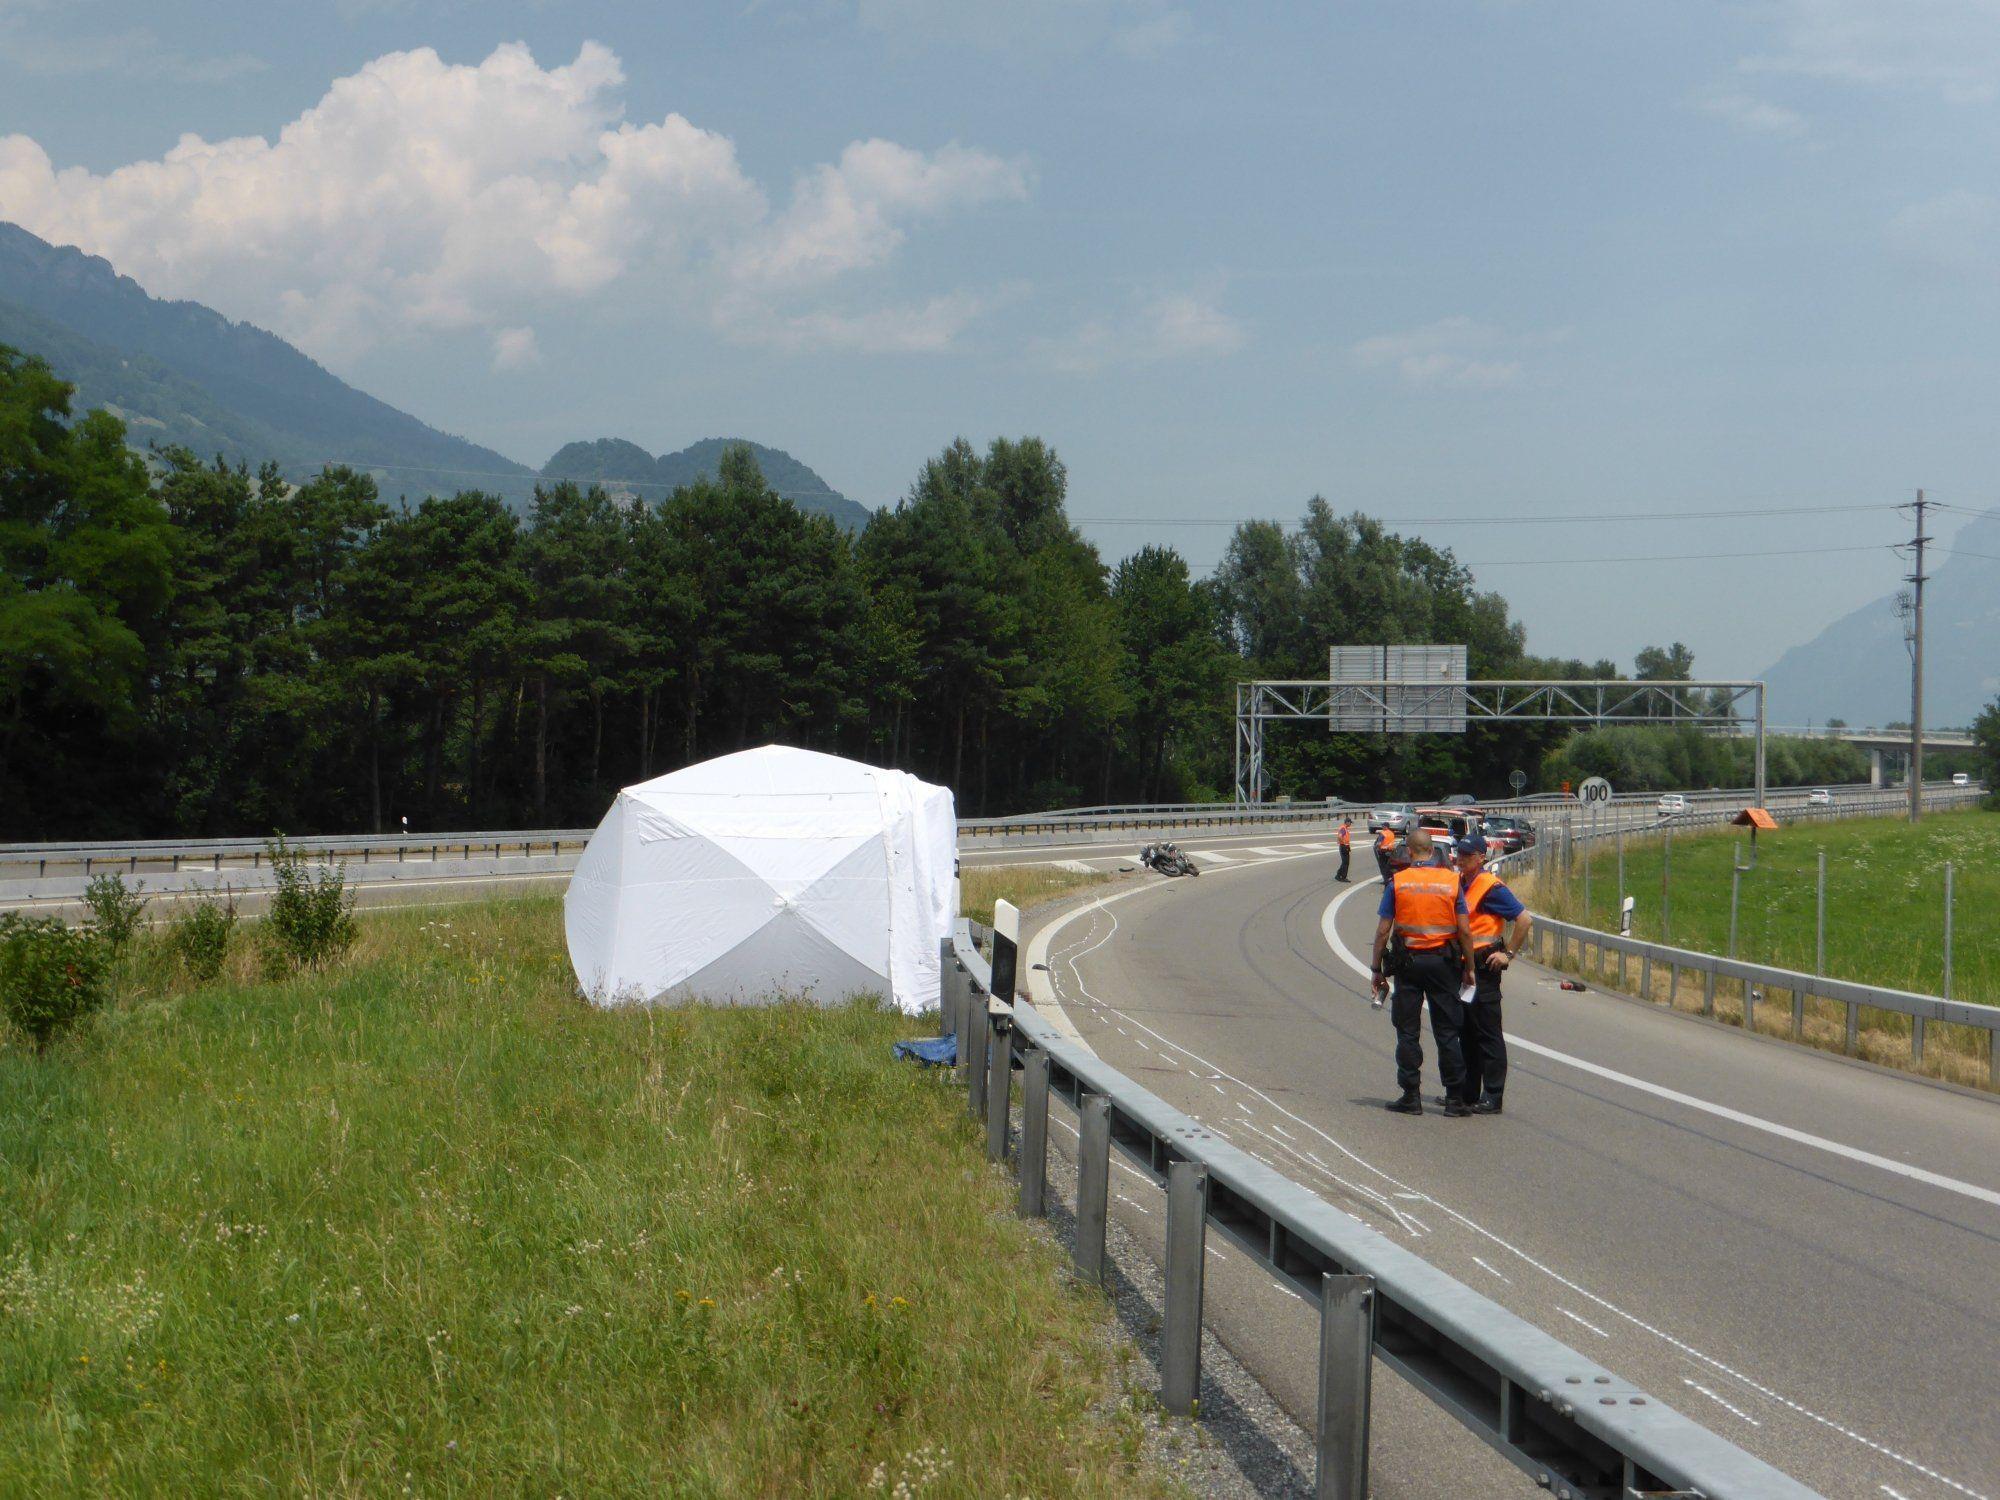 Für einen in der Schweiz verunglückten Vorarlberger Biker kam jede Hilfe zu spät.